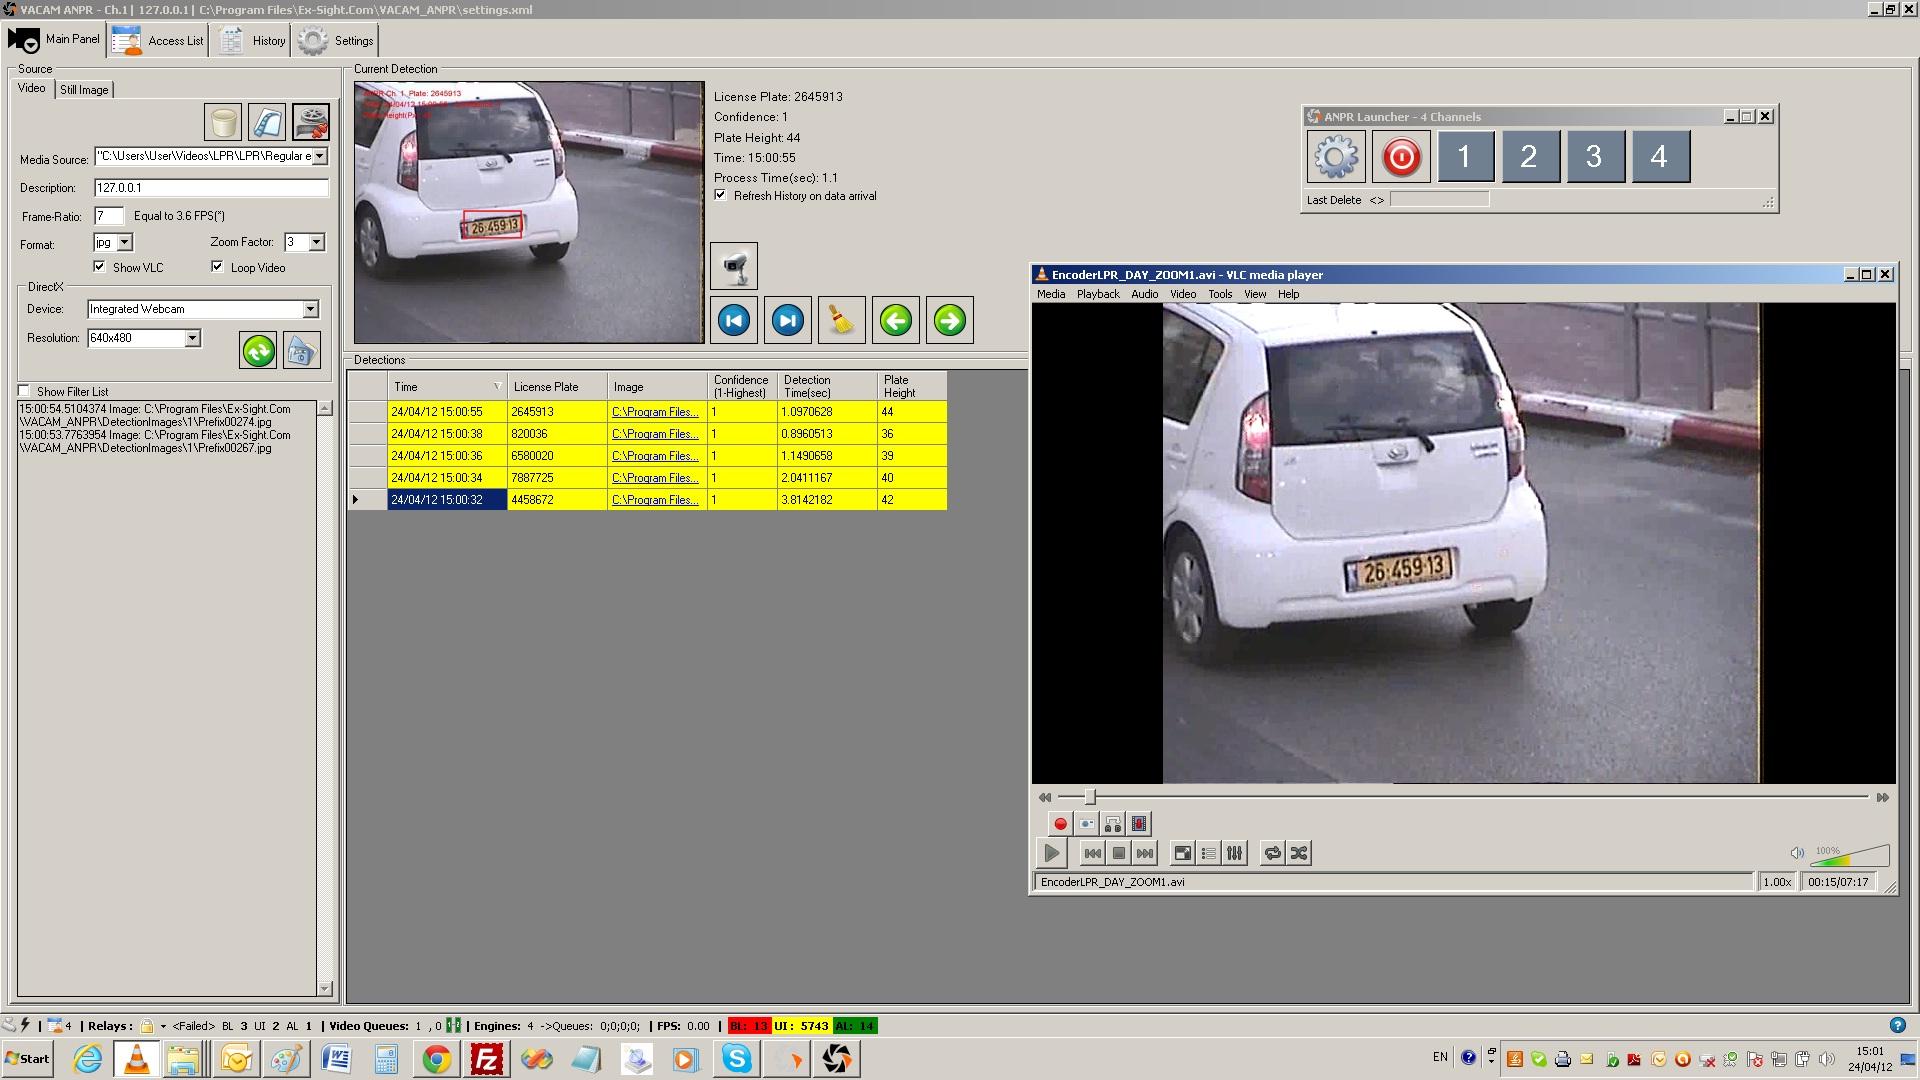 An LPR system running on Windows